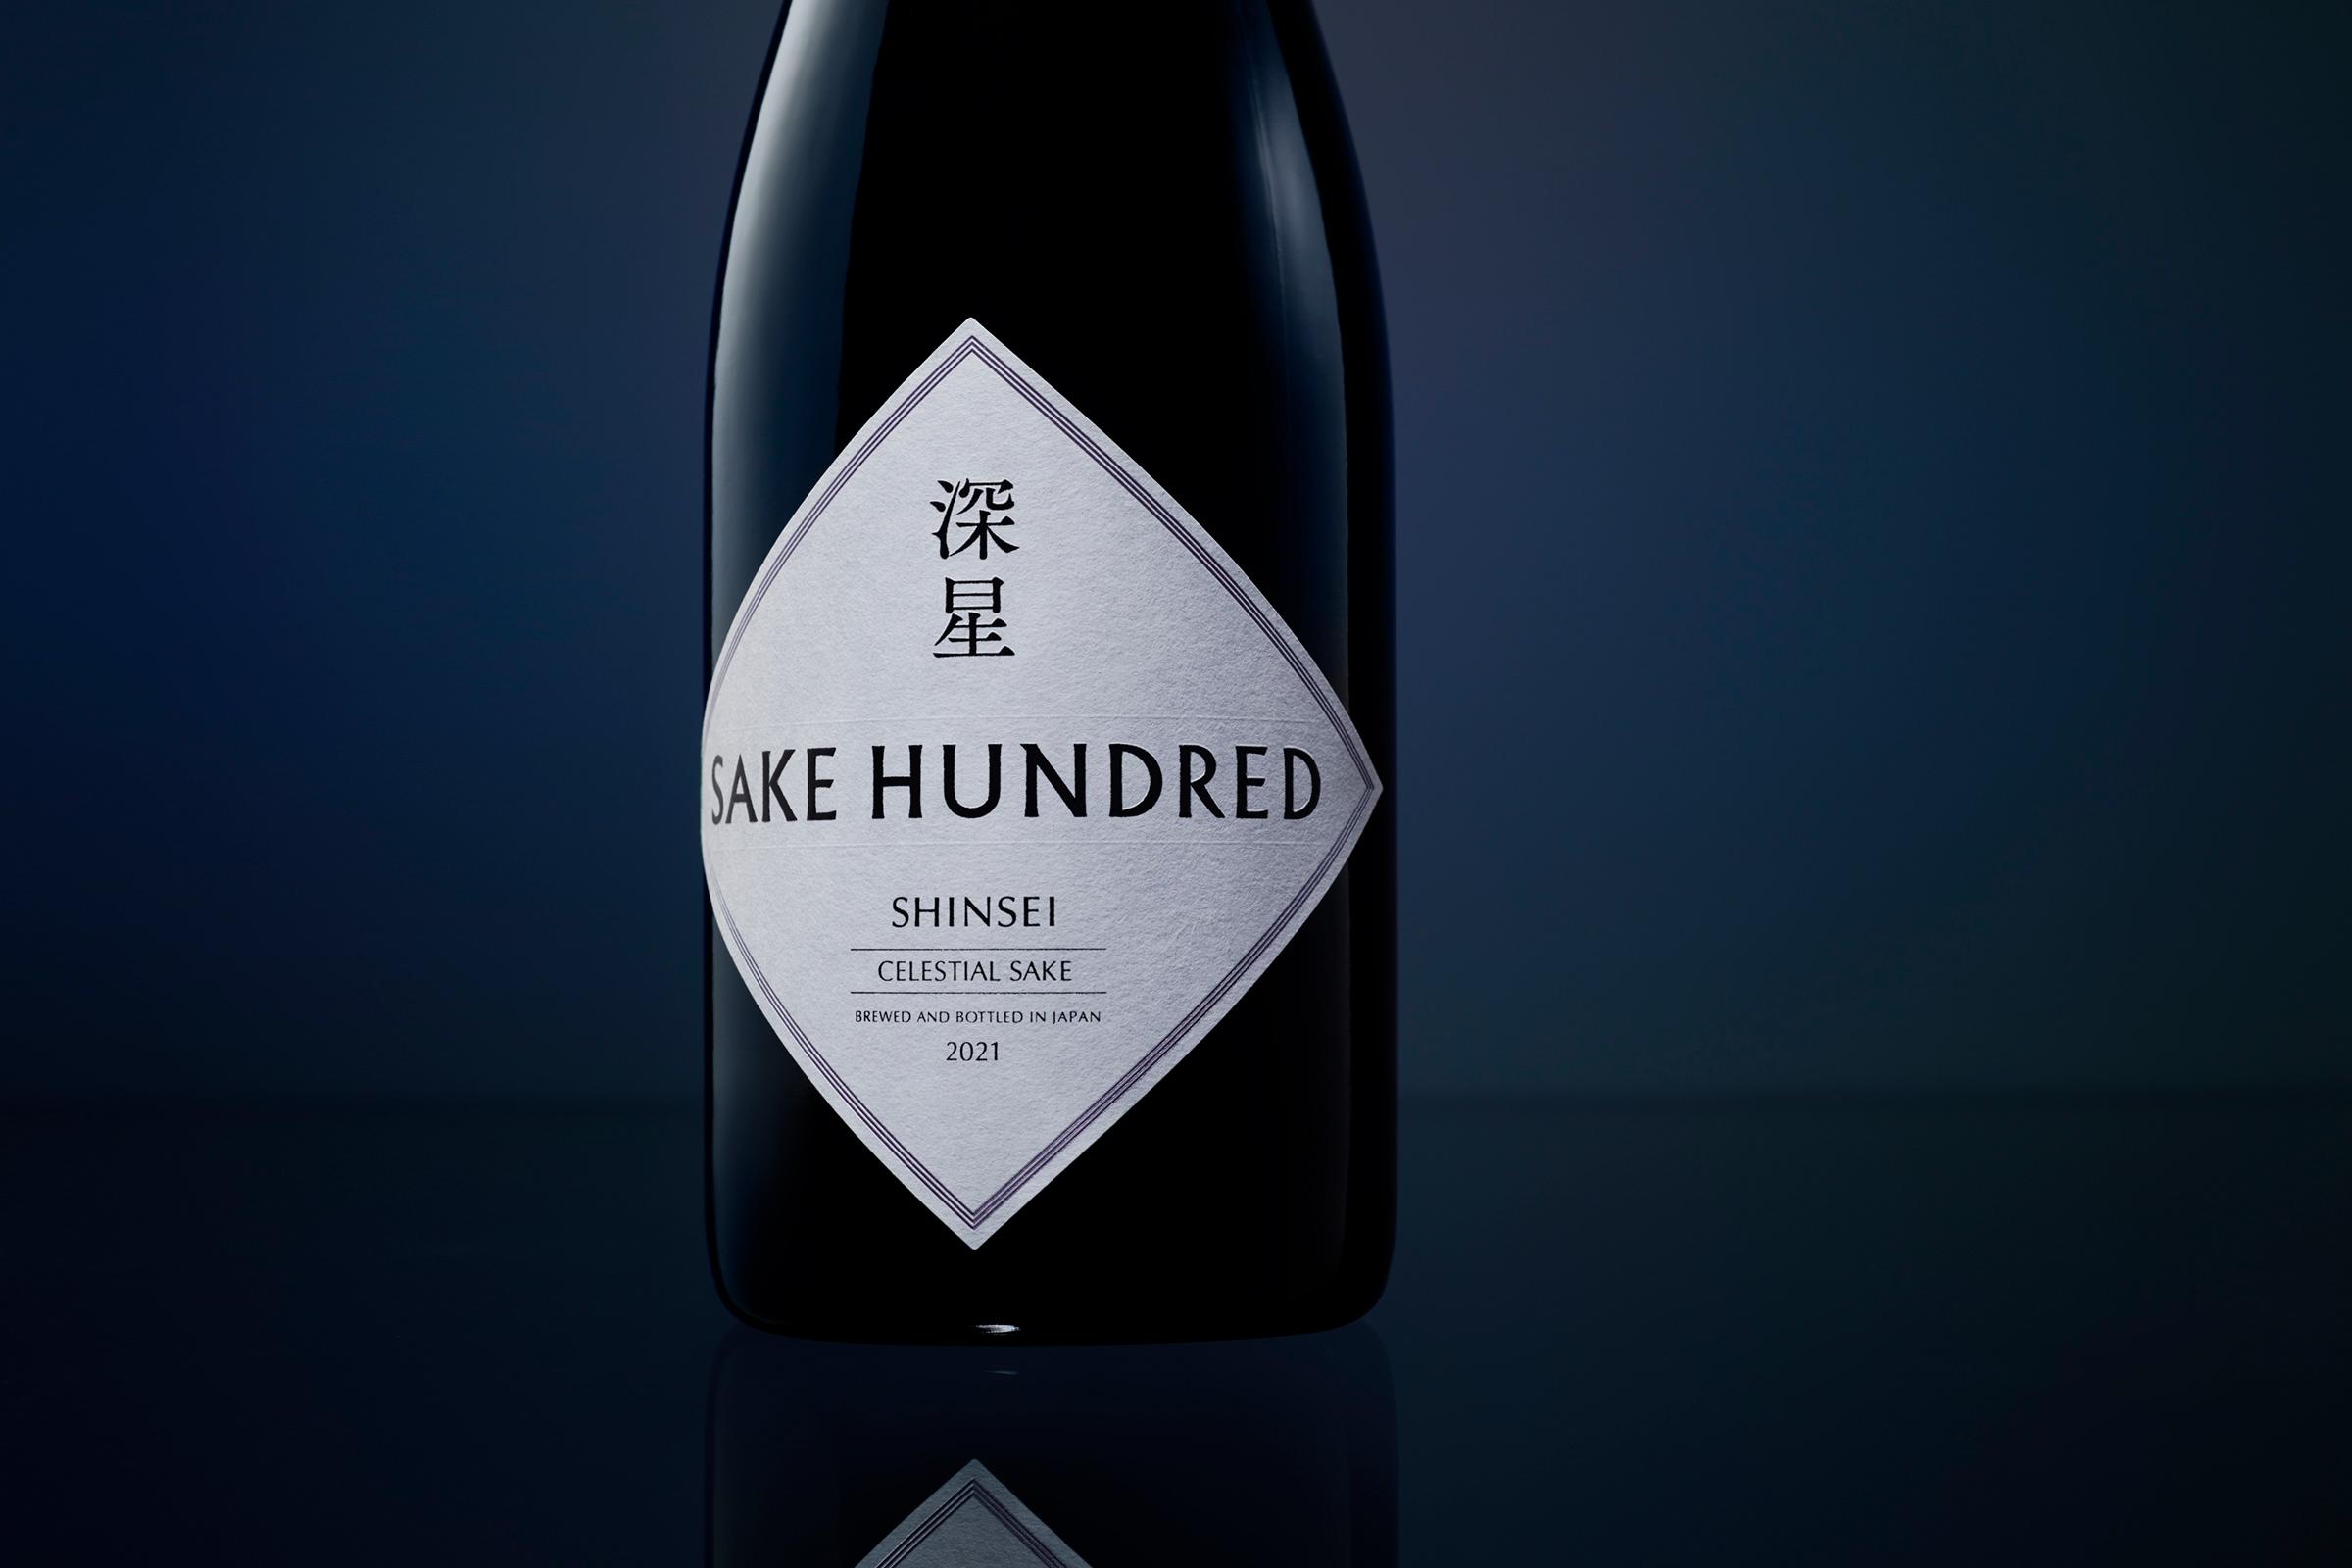 日本酒ブランド「SAKE HUNDRED」より、スパークリング日本酒の新商品『深星 | SHINSEI』を発売